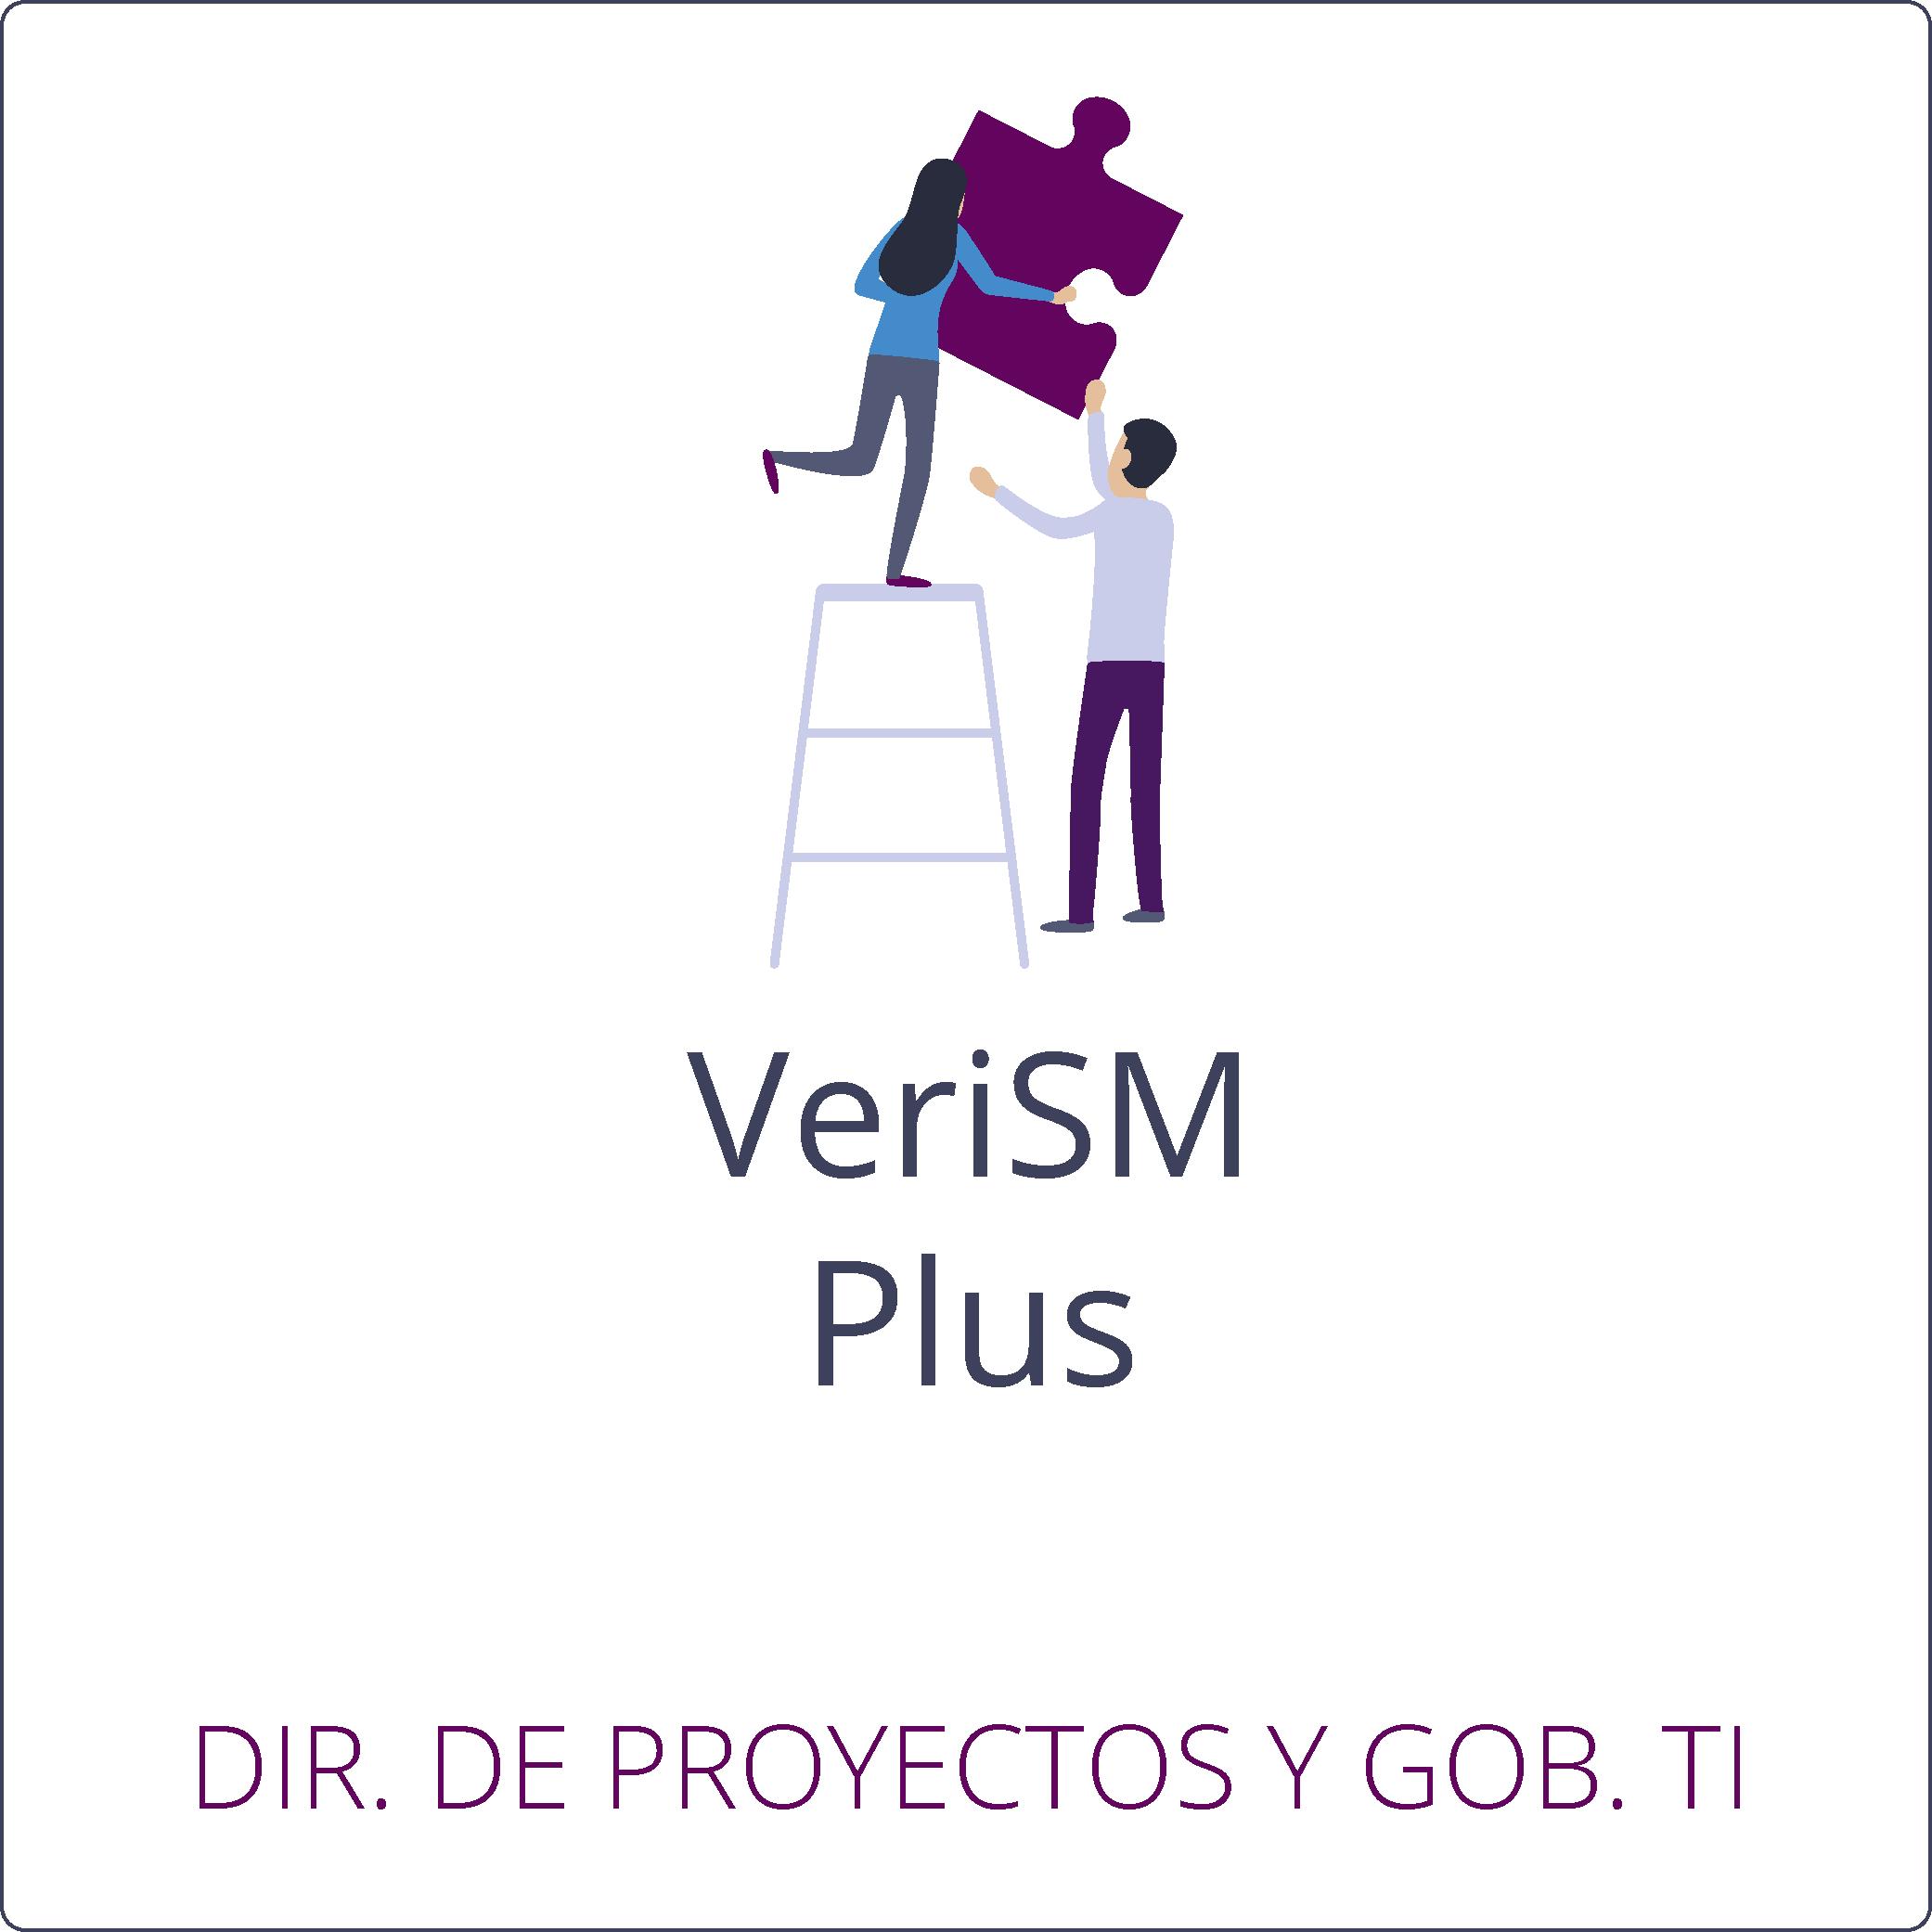 VeriSM Plus